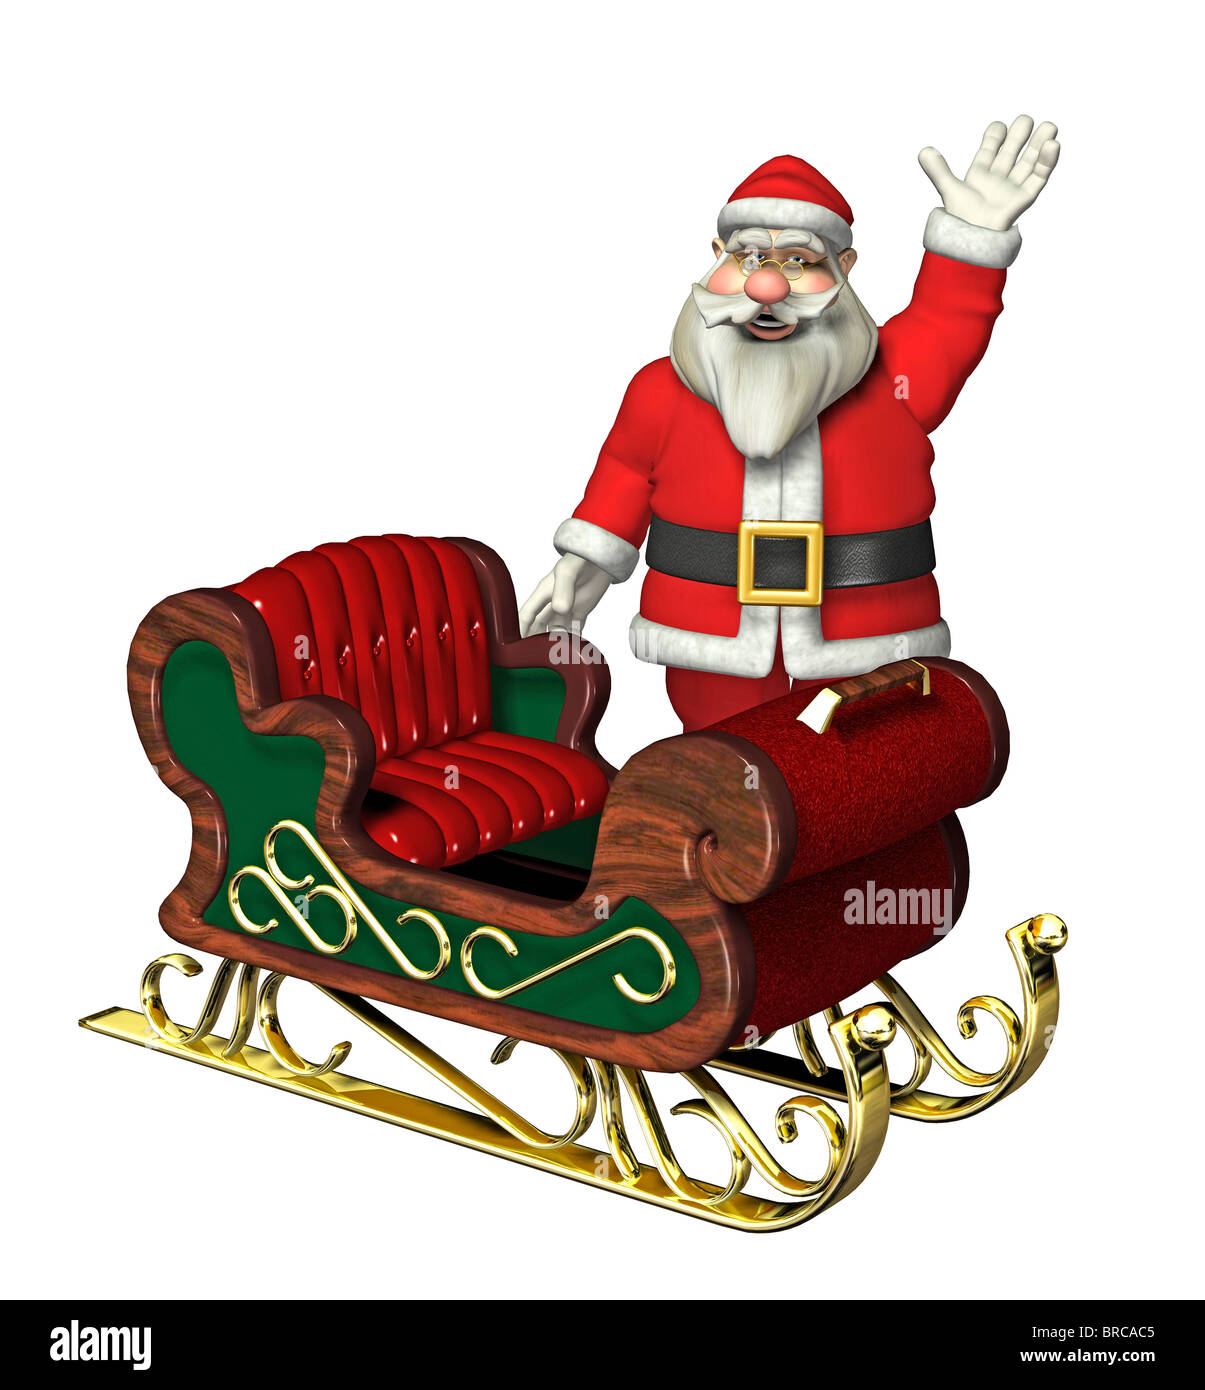 weihnachtsmann mit rentier schlitten stockfoto bild. Black Bedroom Furniture Sets. Home Design Ideas